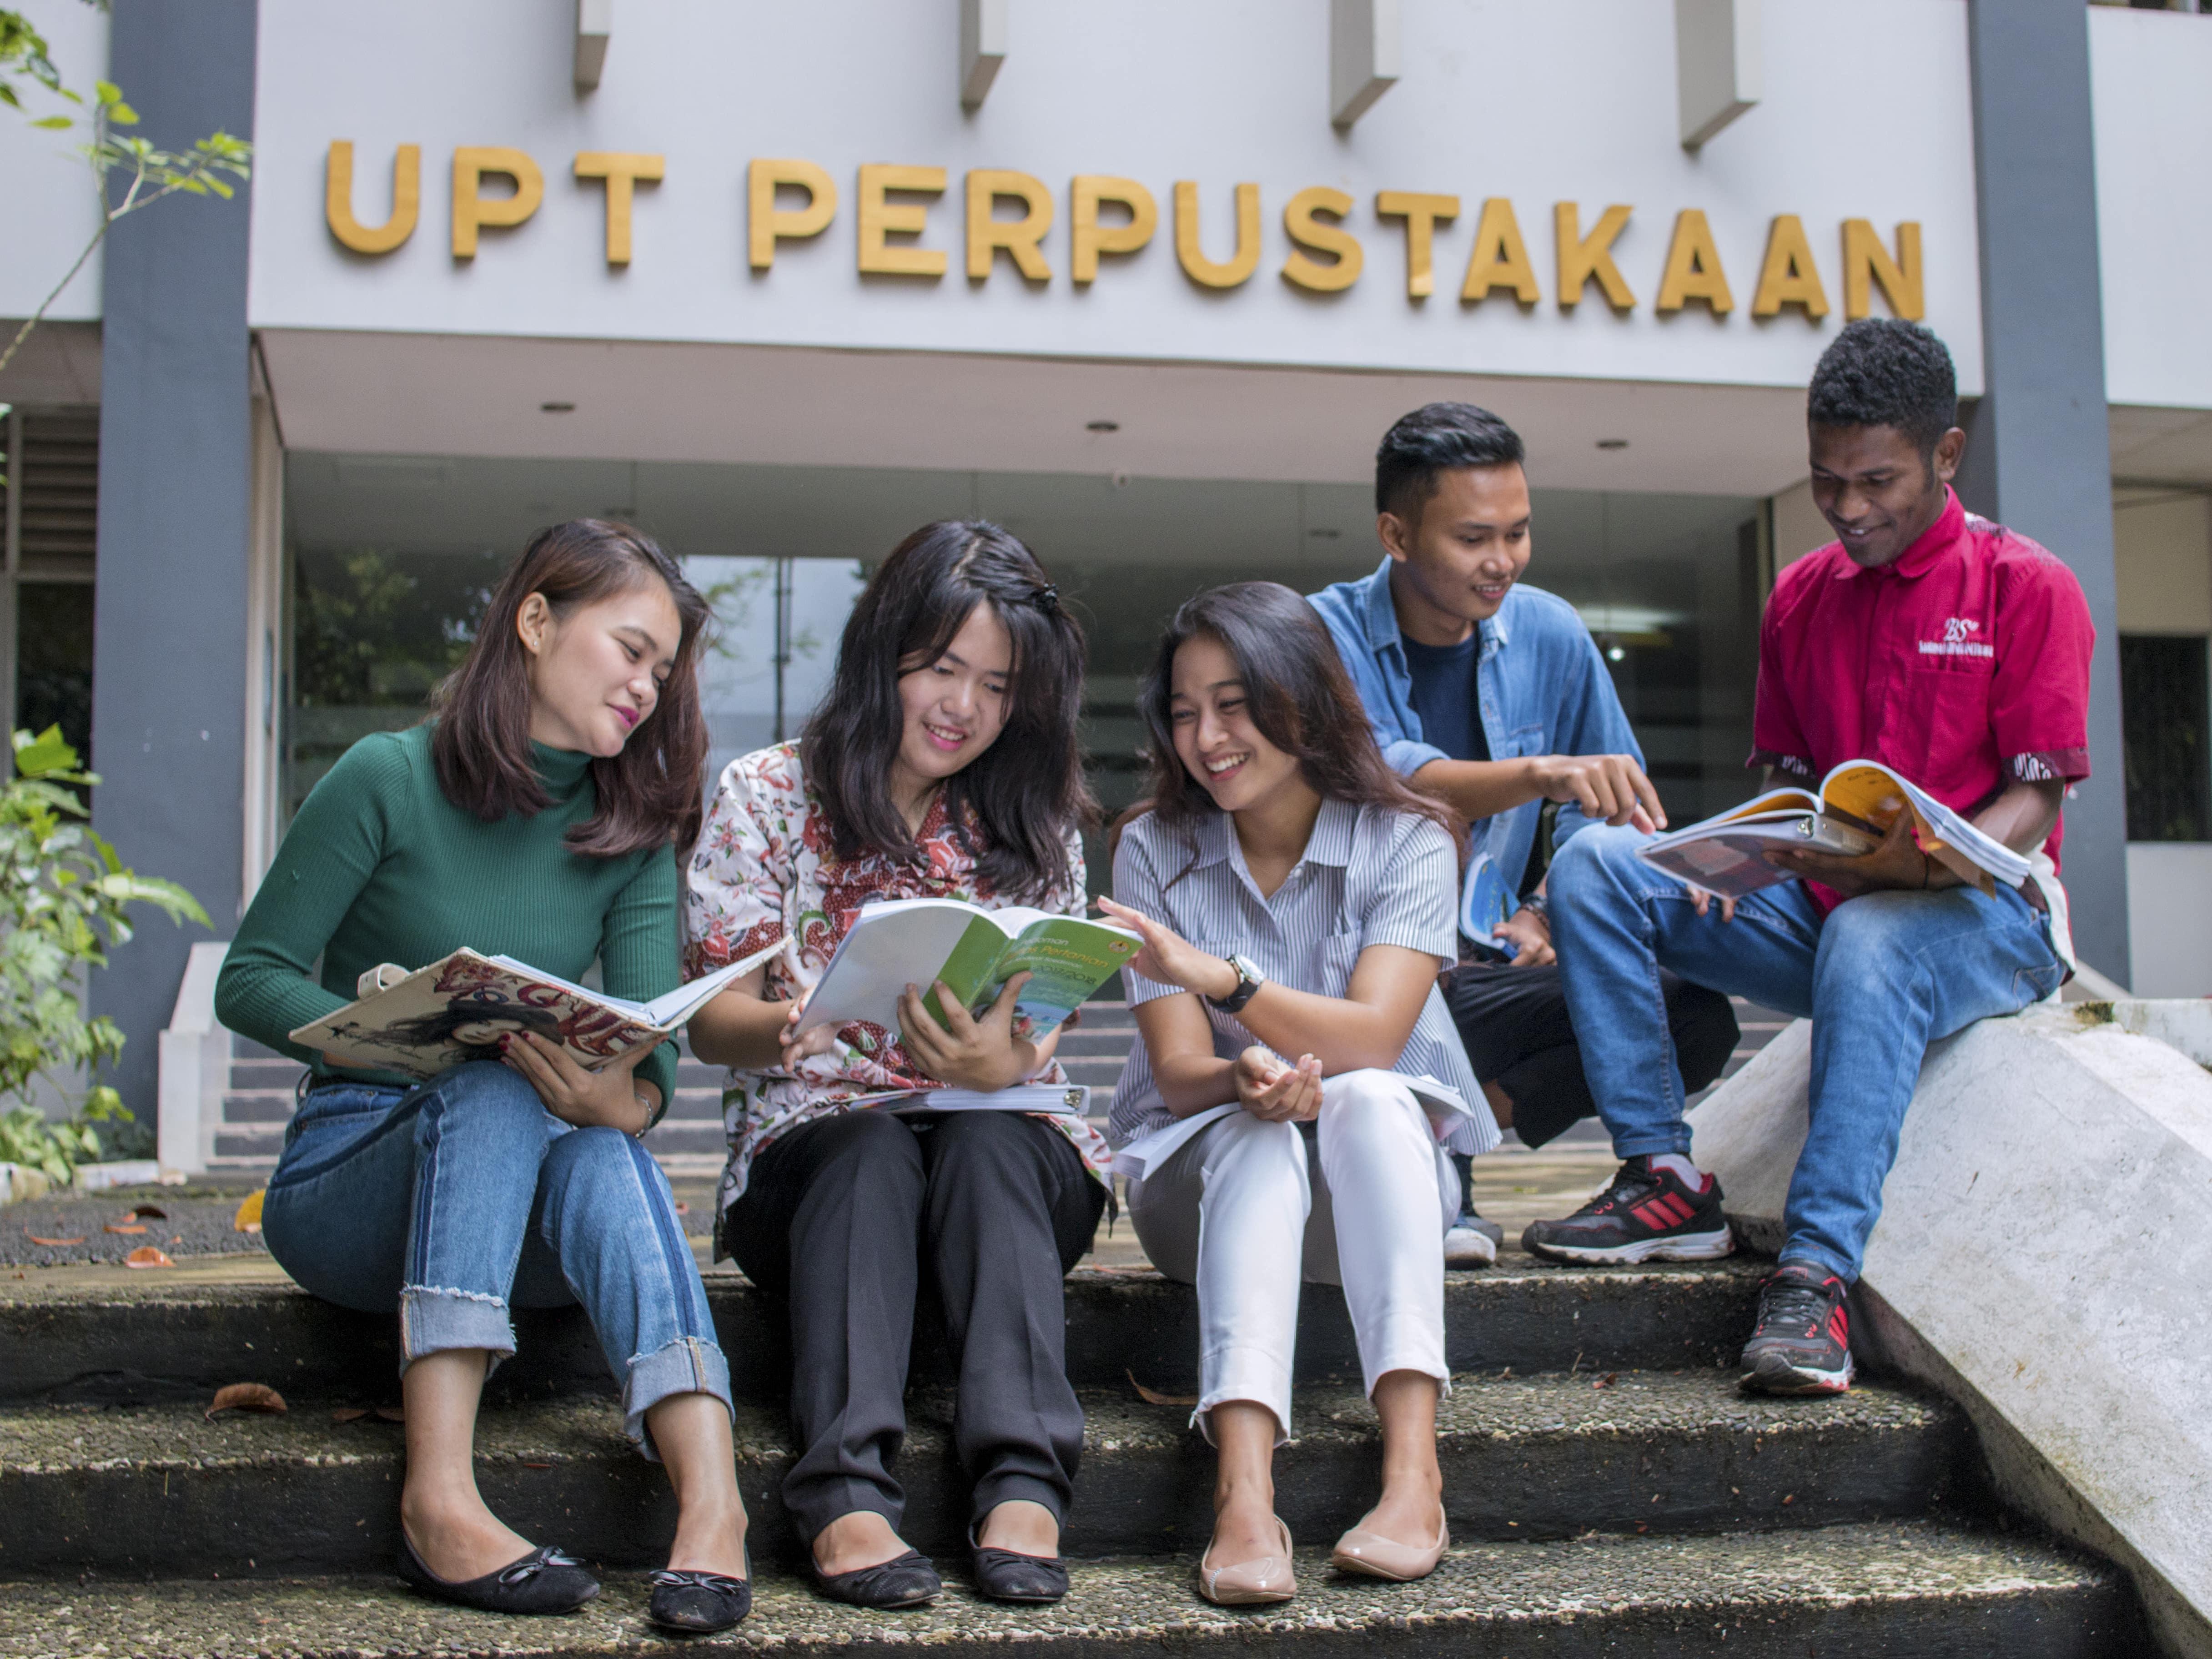 UPT. Perpustakaan